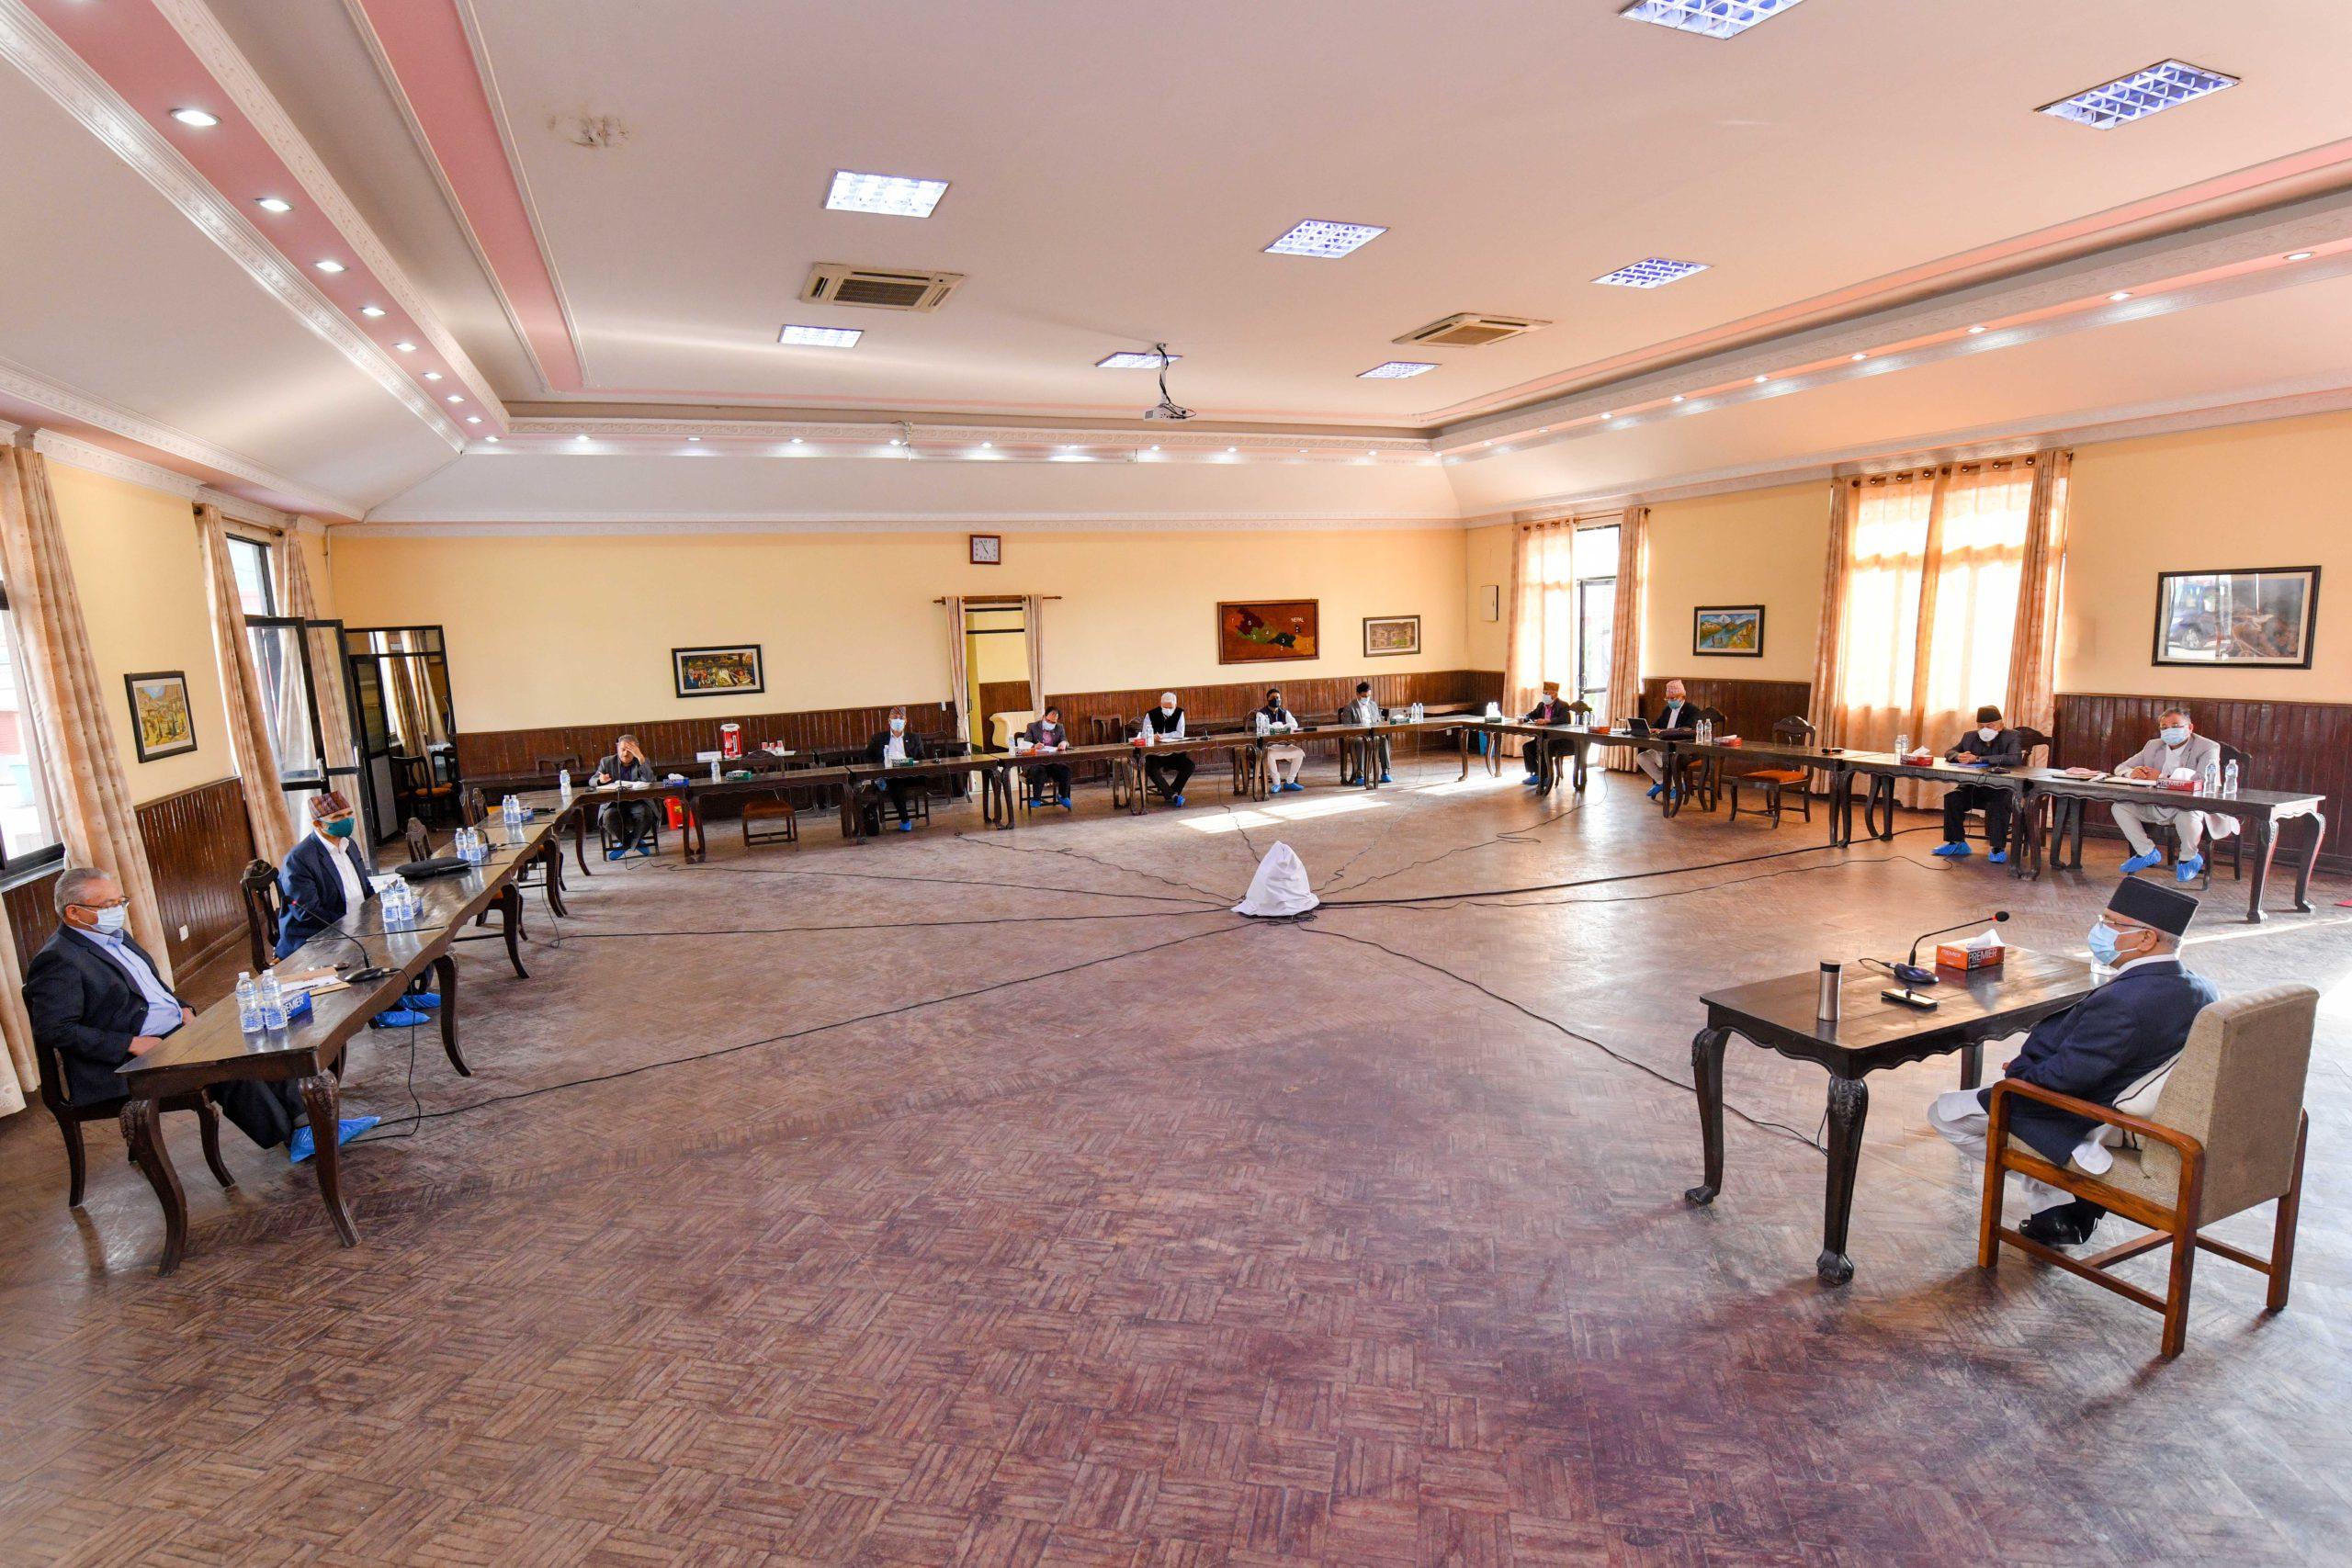 एमाले स्थायी कमिटी बैठकले नेता माधव नेपाल र झलनाथ खनालसहित ११ जनालाई साधारण सदस्यबाट निष्कासित गर्ने निर्णय, १२ जना स्पष्टीकरण सोध्यो